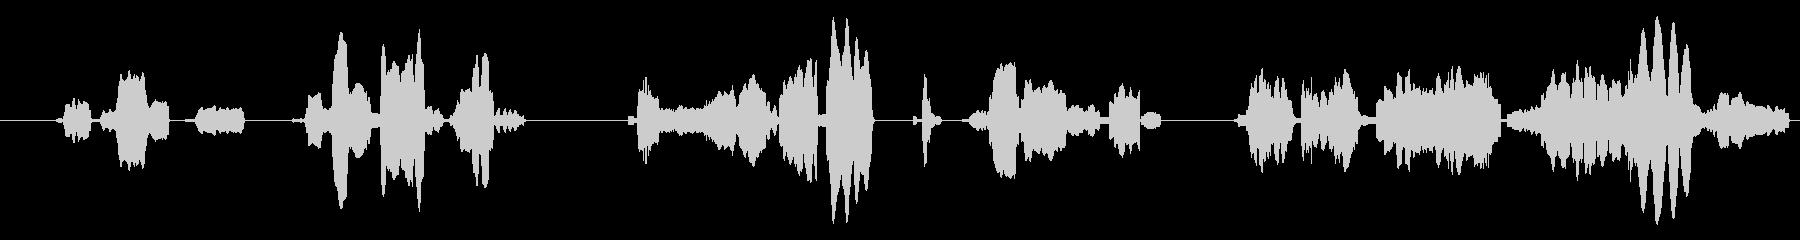 ロボットが喋る言葉のような機械音2の未再生の波形